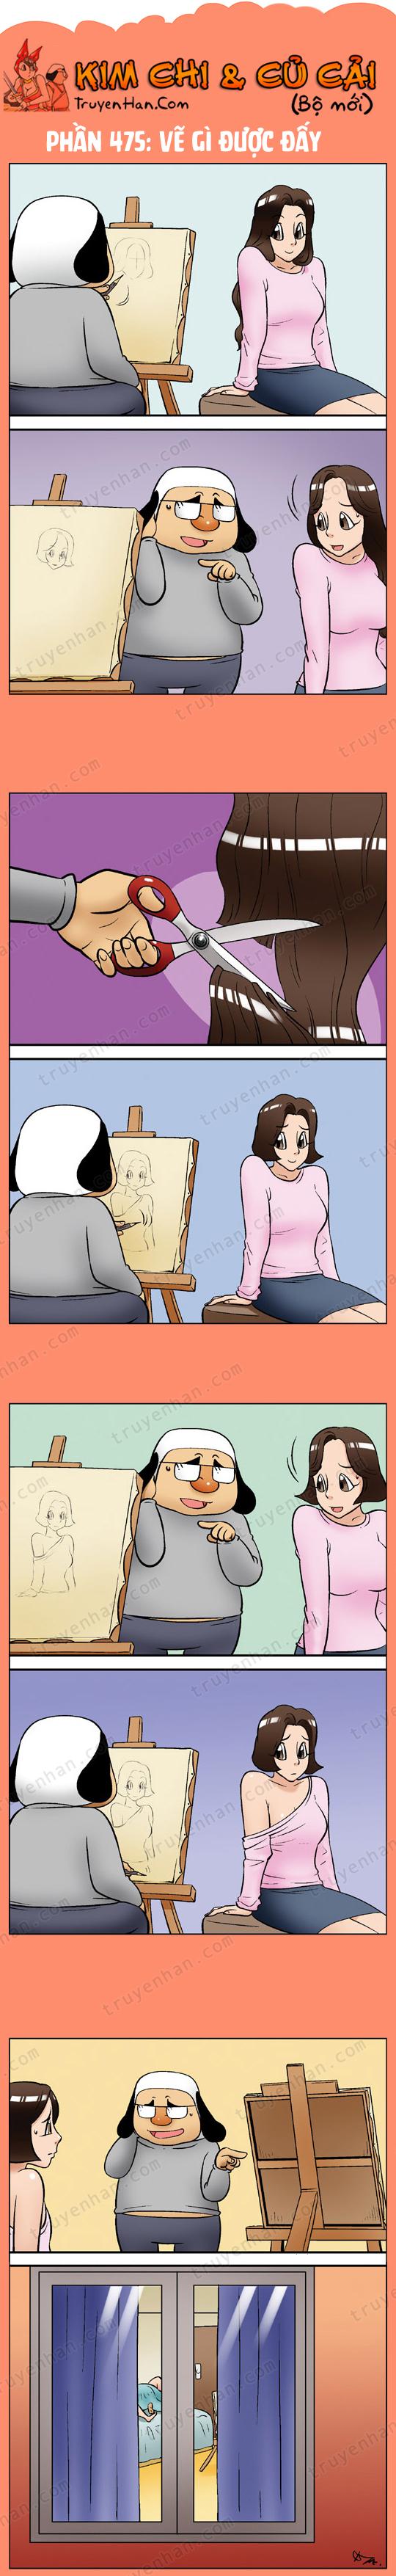 Kim Chi & Củ Cải (bộ mới) phần 475: Vẽ gì được đấy